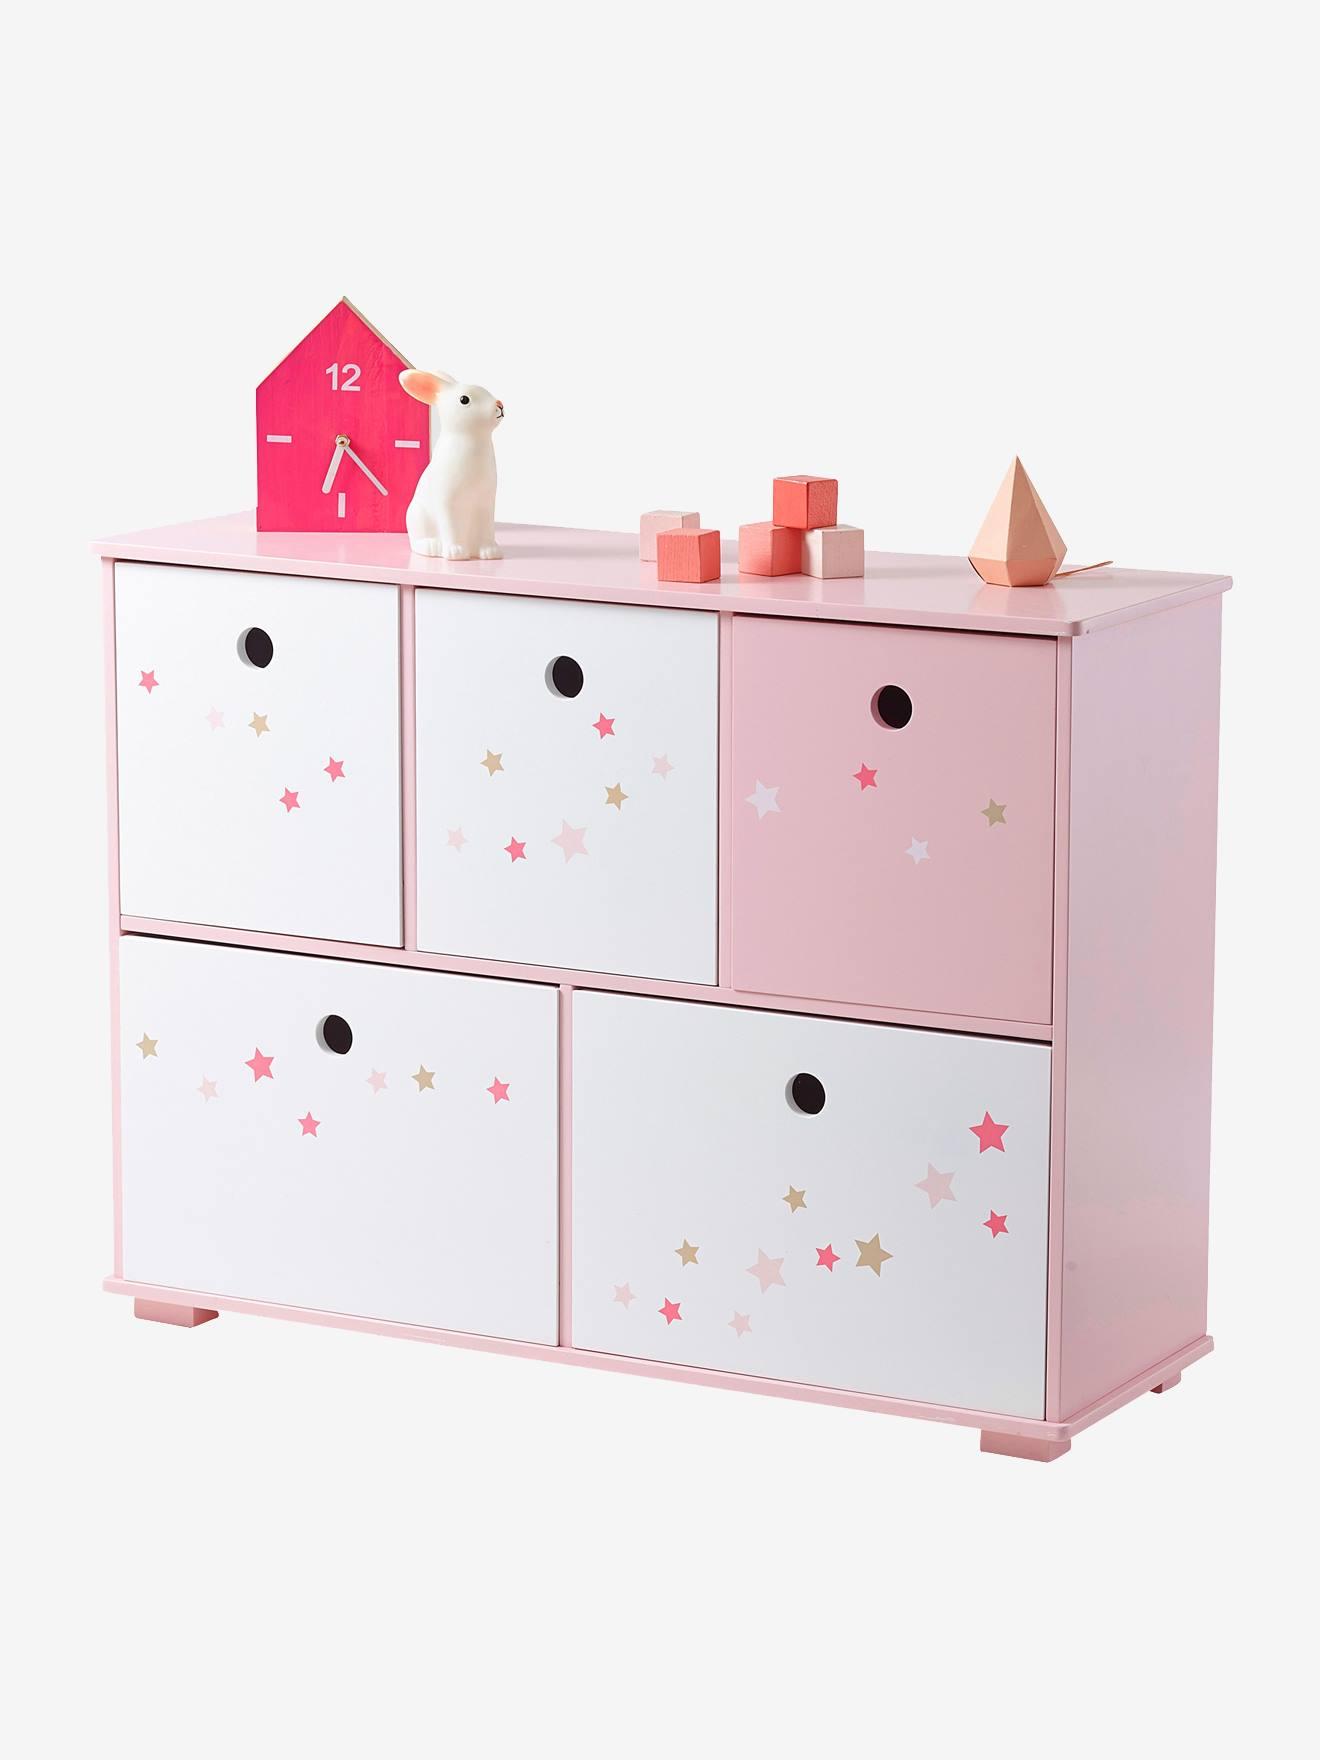 Móvel de arrumação com 5 compartimentos, tema Histórias fabulosas rosa estrelas